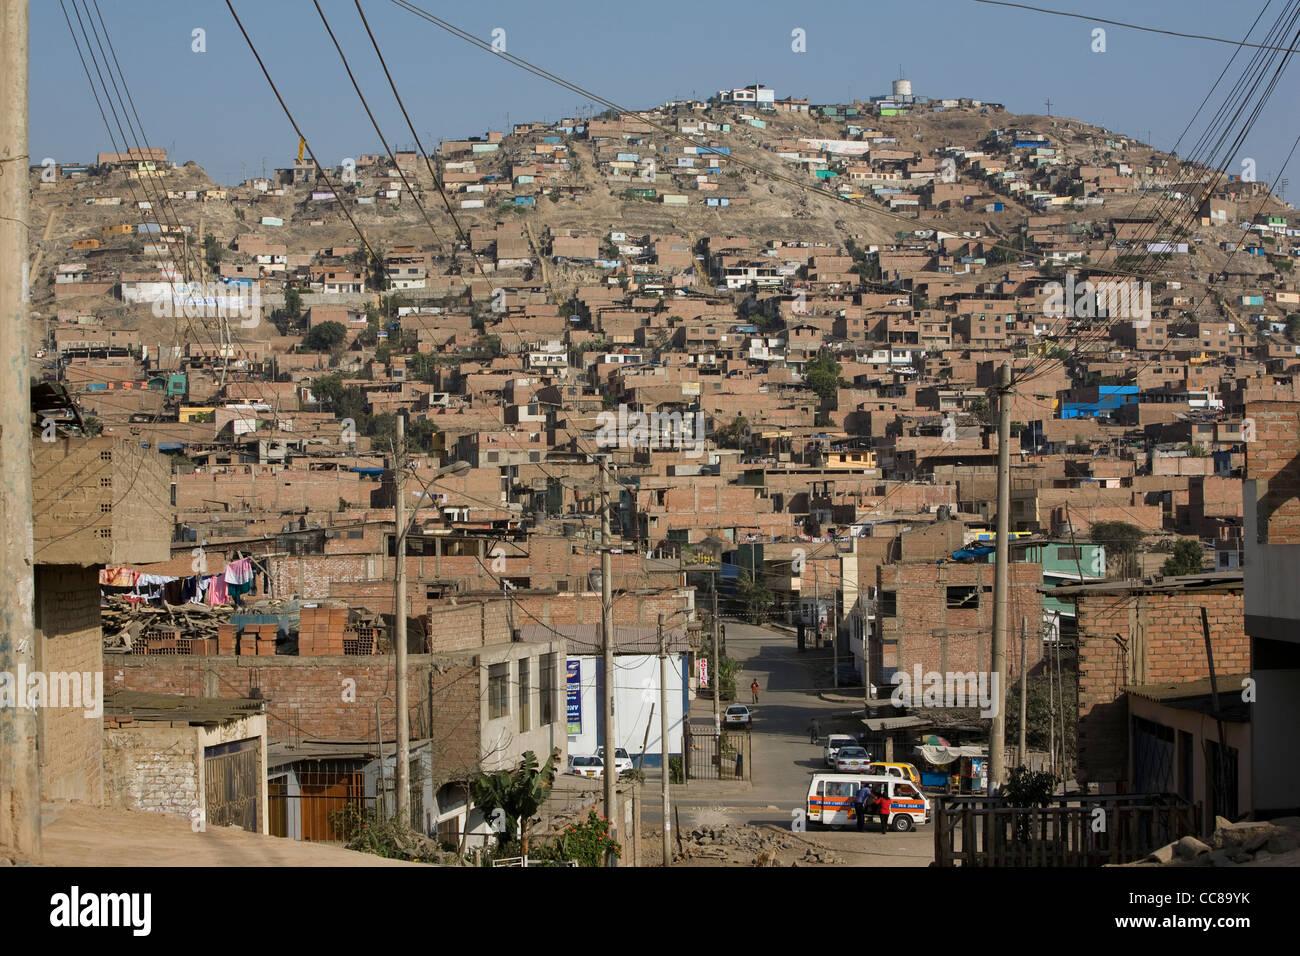 villa el salvador is a suburb of lima peru south america